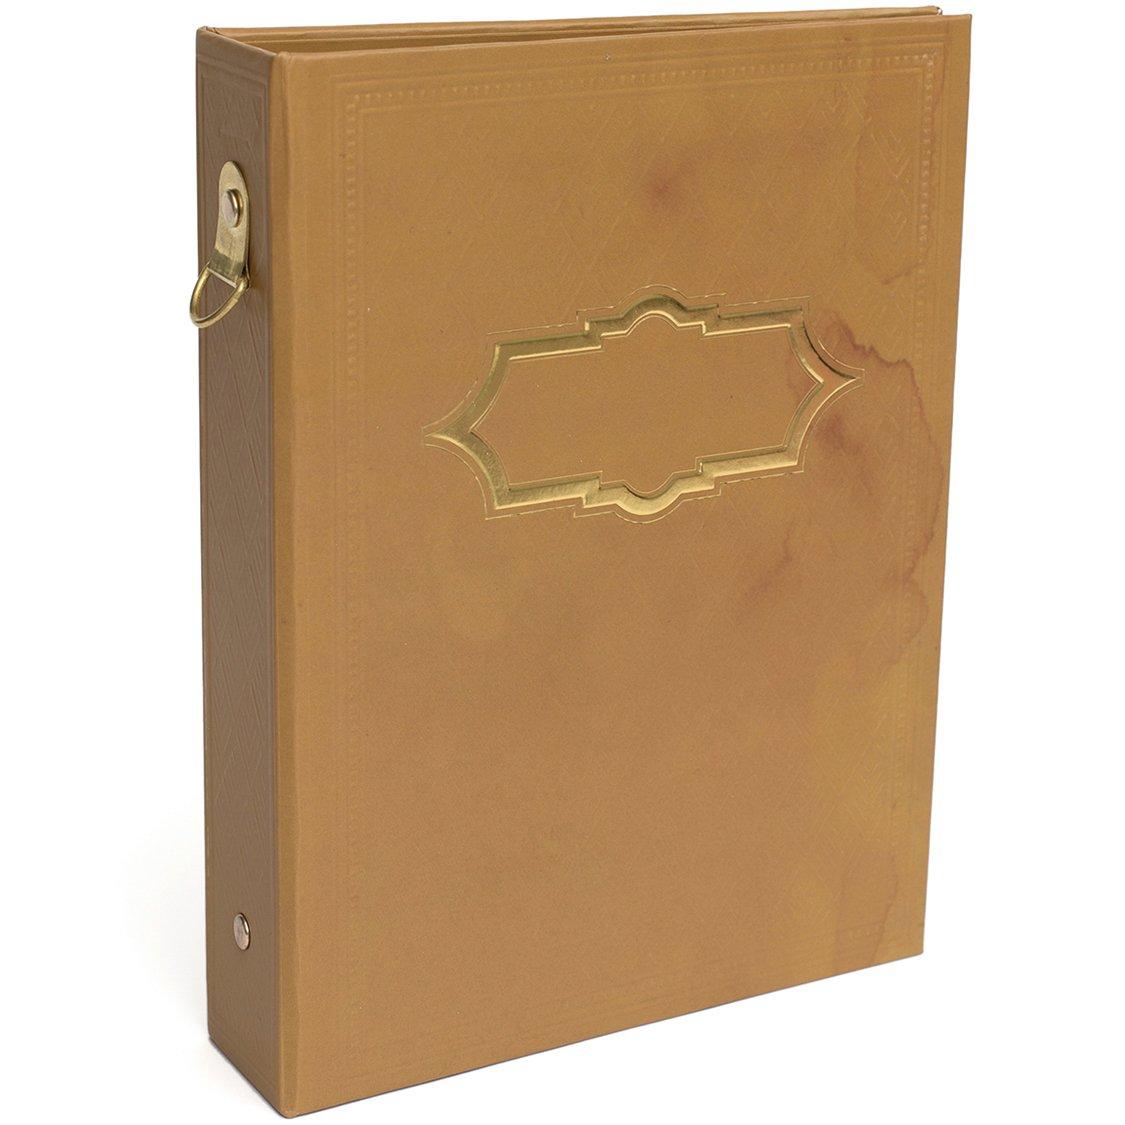 American Crafts Memory Binder 5''X7''-Wanderlust, Vintage W/Gold Foil